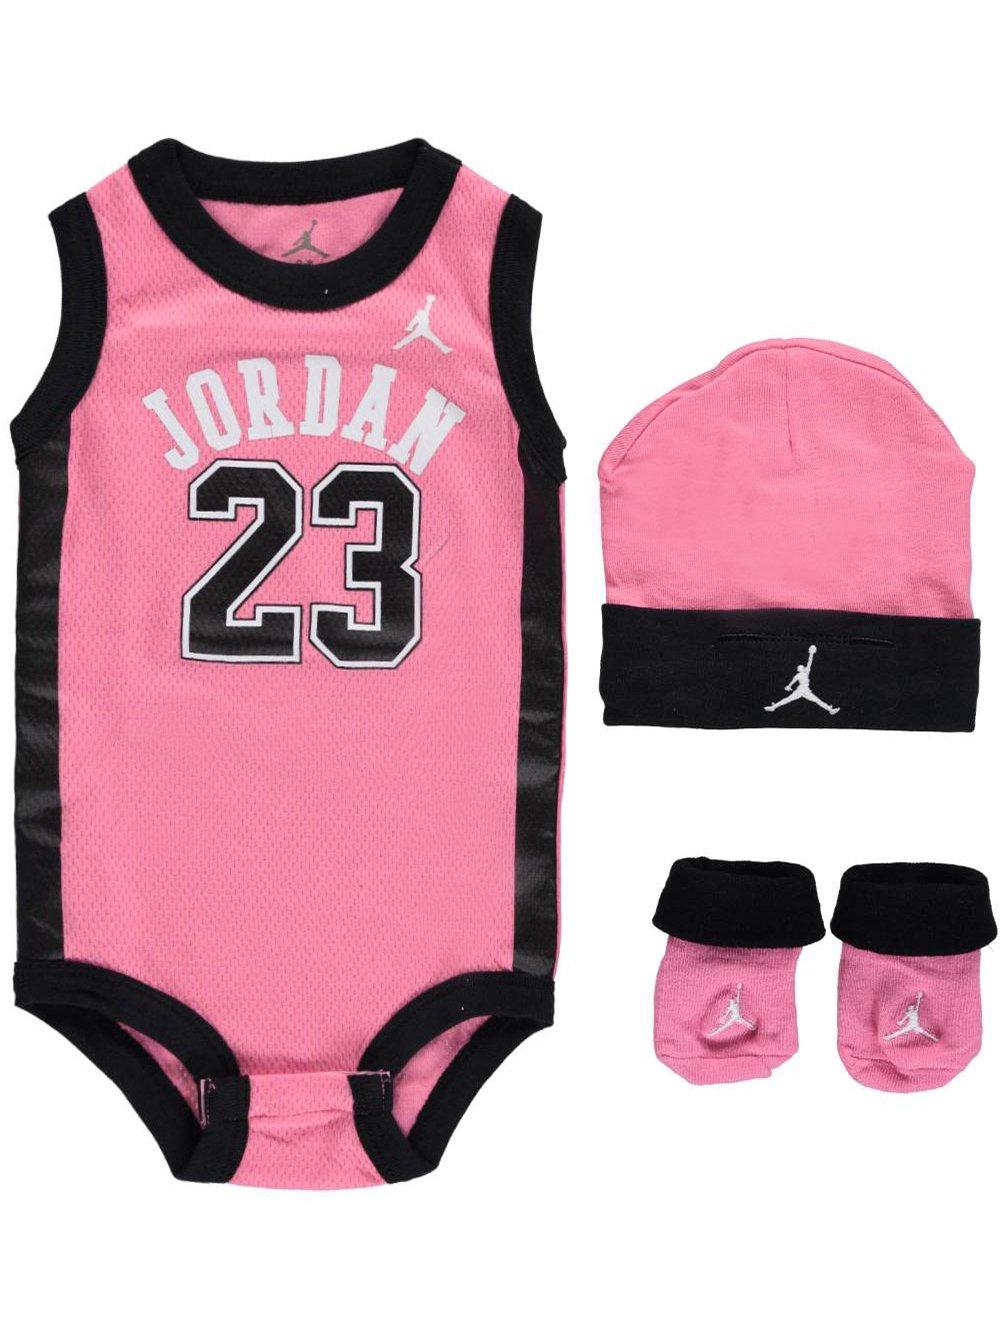 f1db60b22fc54 Jordan Baby Clothes 3 Piece Basketball Jersey Set (0-6 months) Pink, 0-6  Months